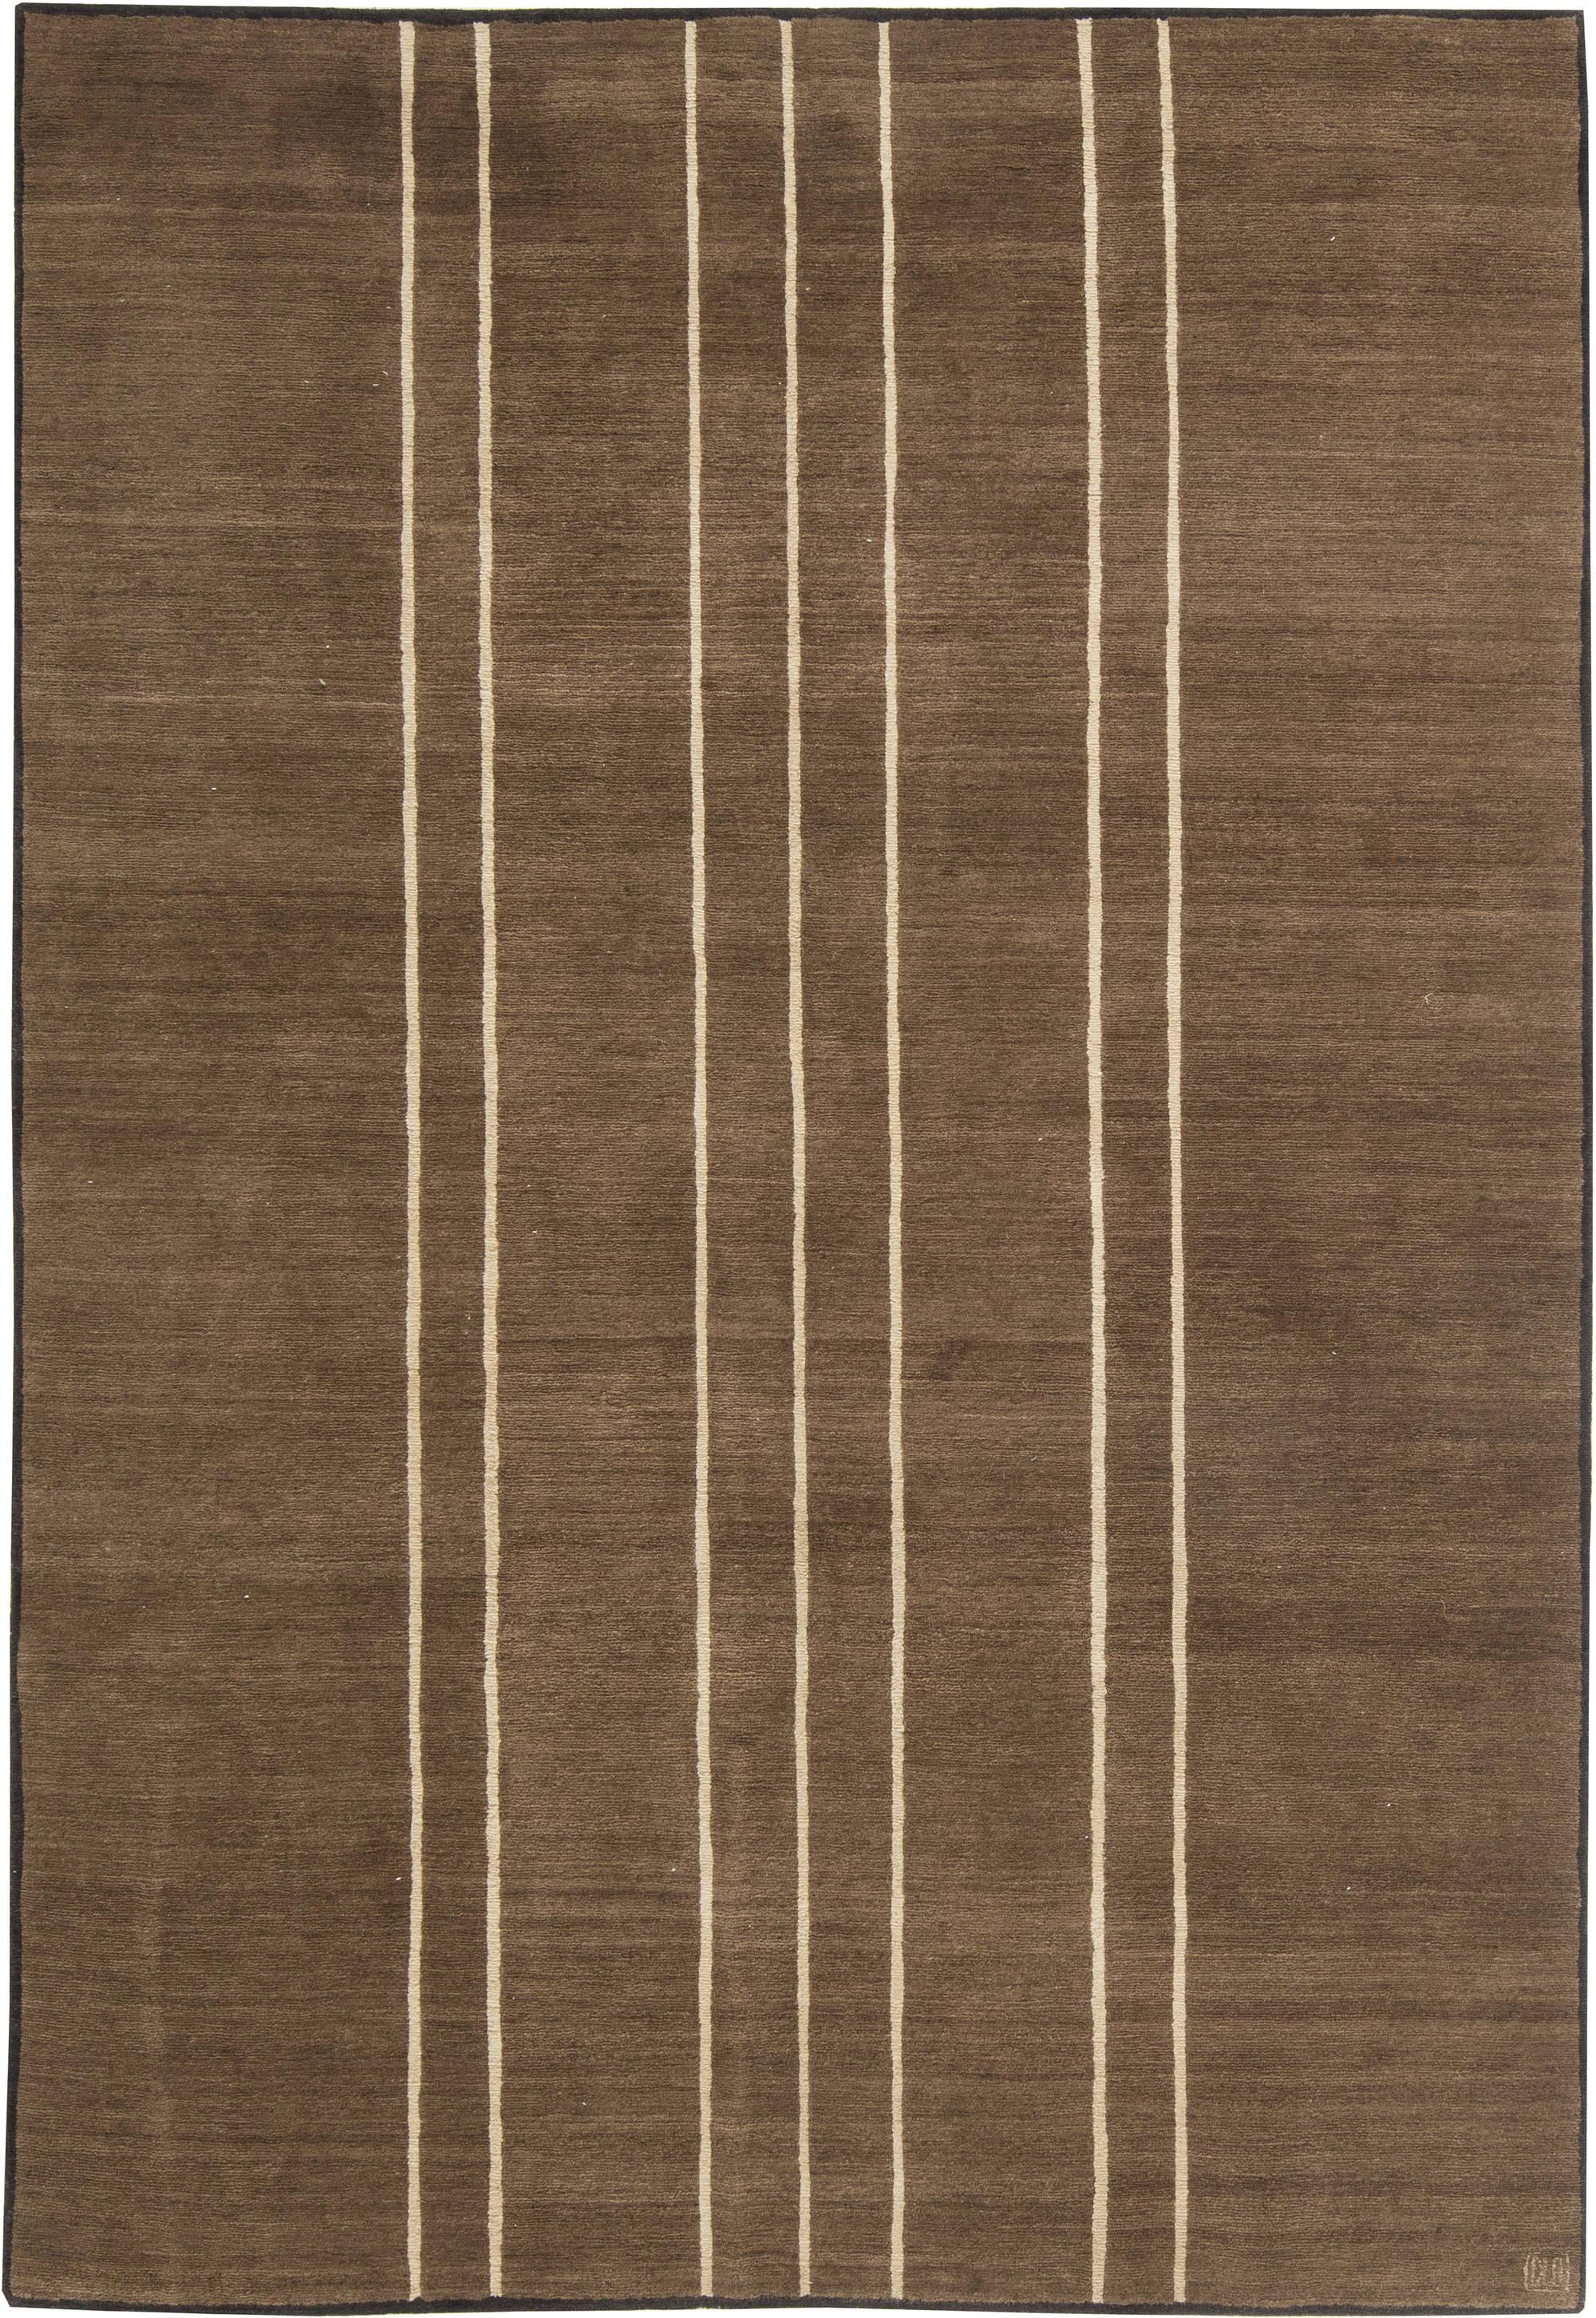 Moderne tibetische teppich von parkin saunders